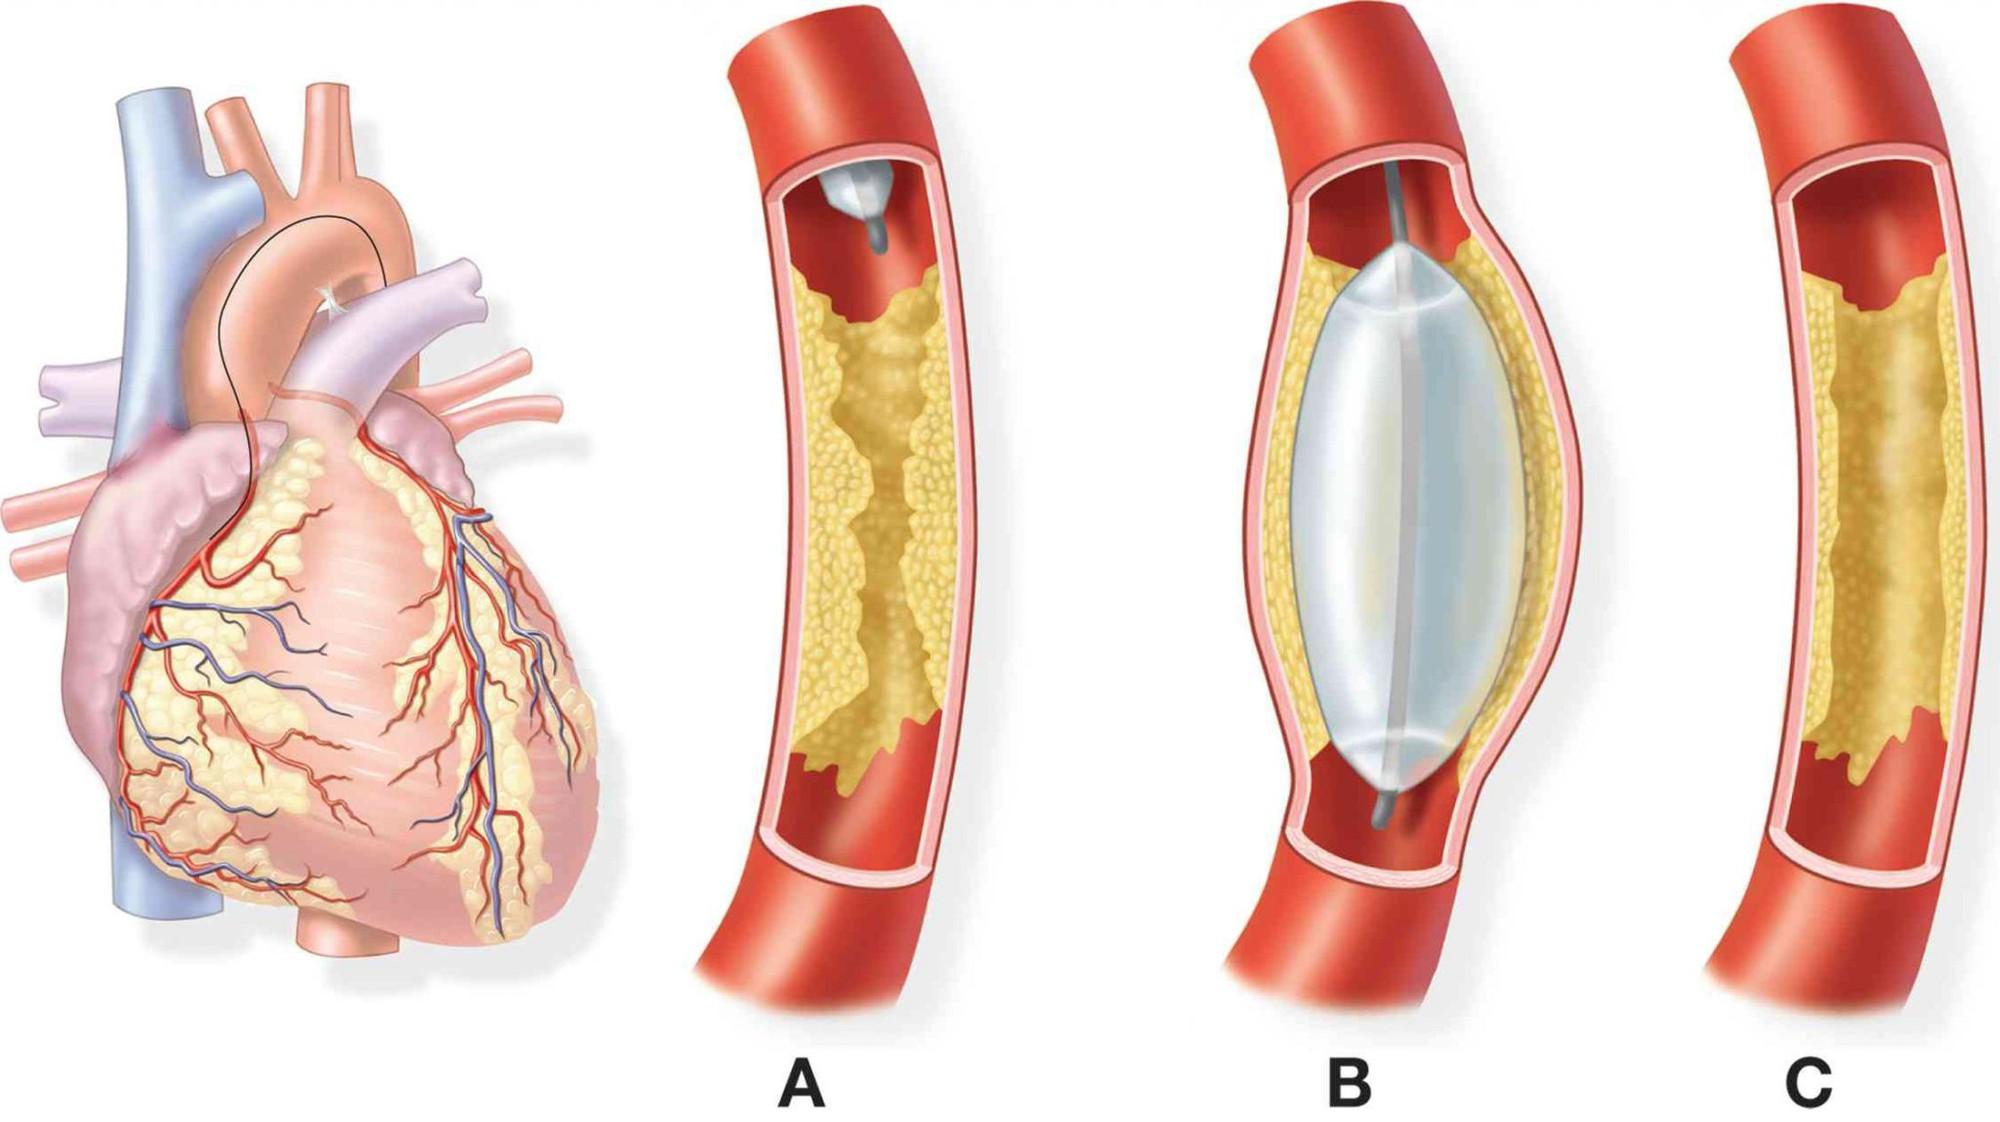 Bệnh nhồi máu cơ tim và cách xác định yếu tố nguy cơ - Ảnh 3.